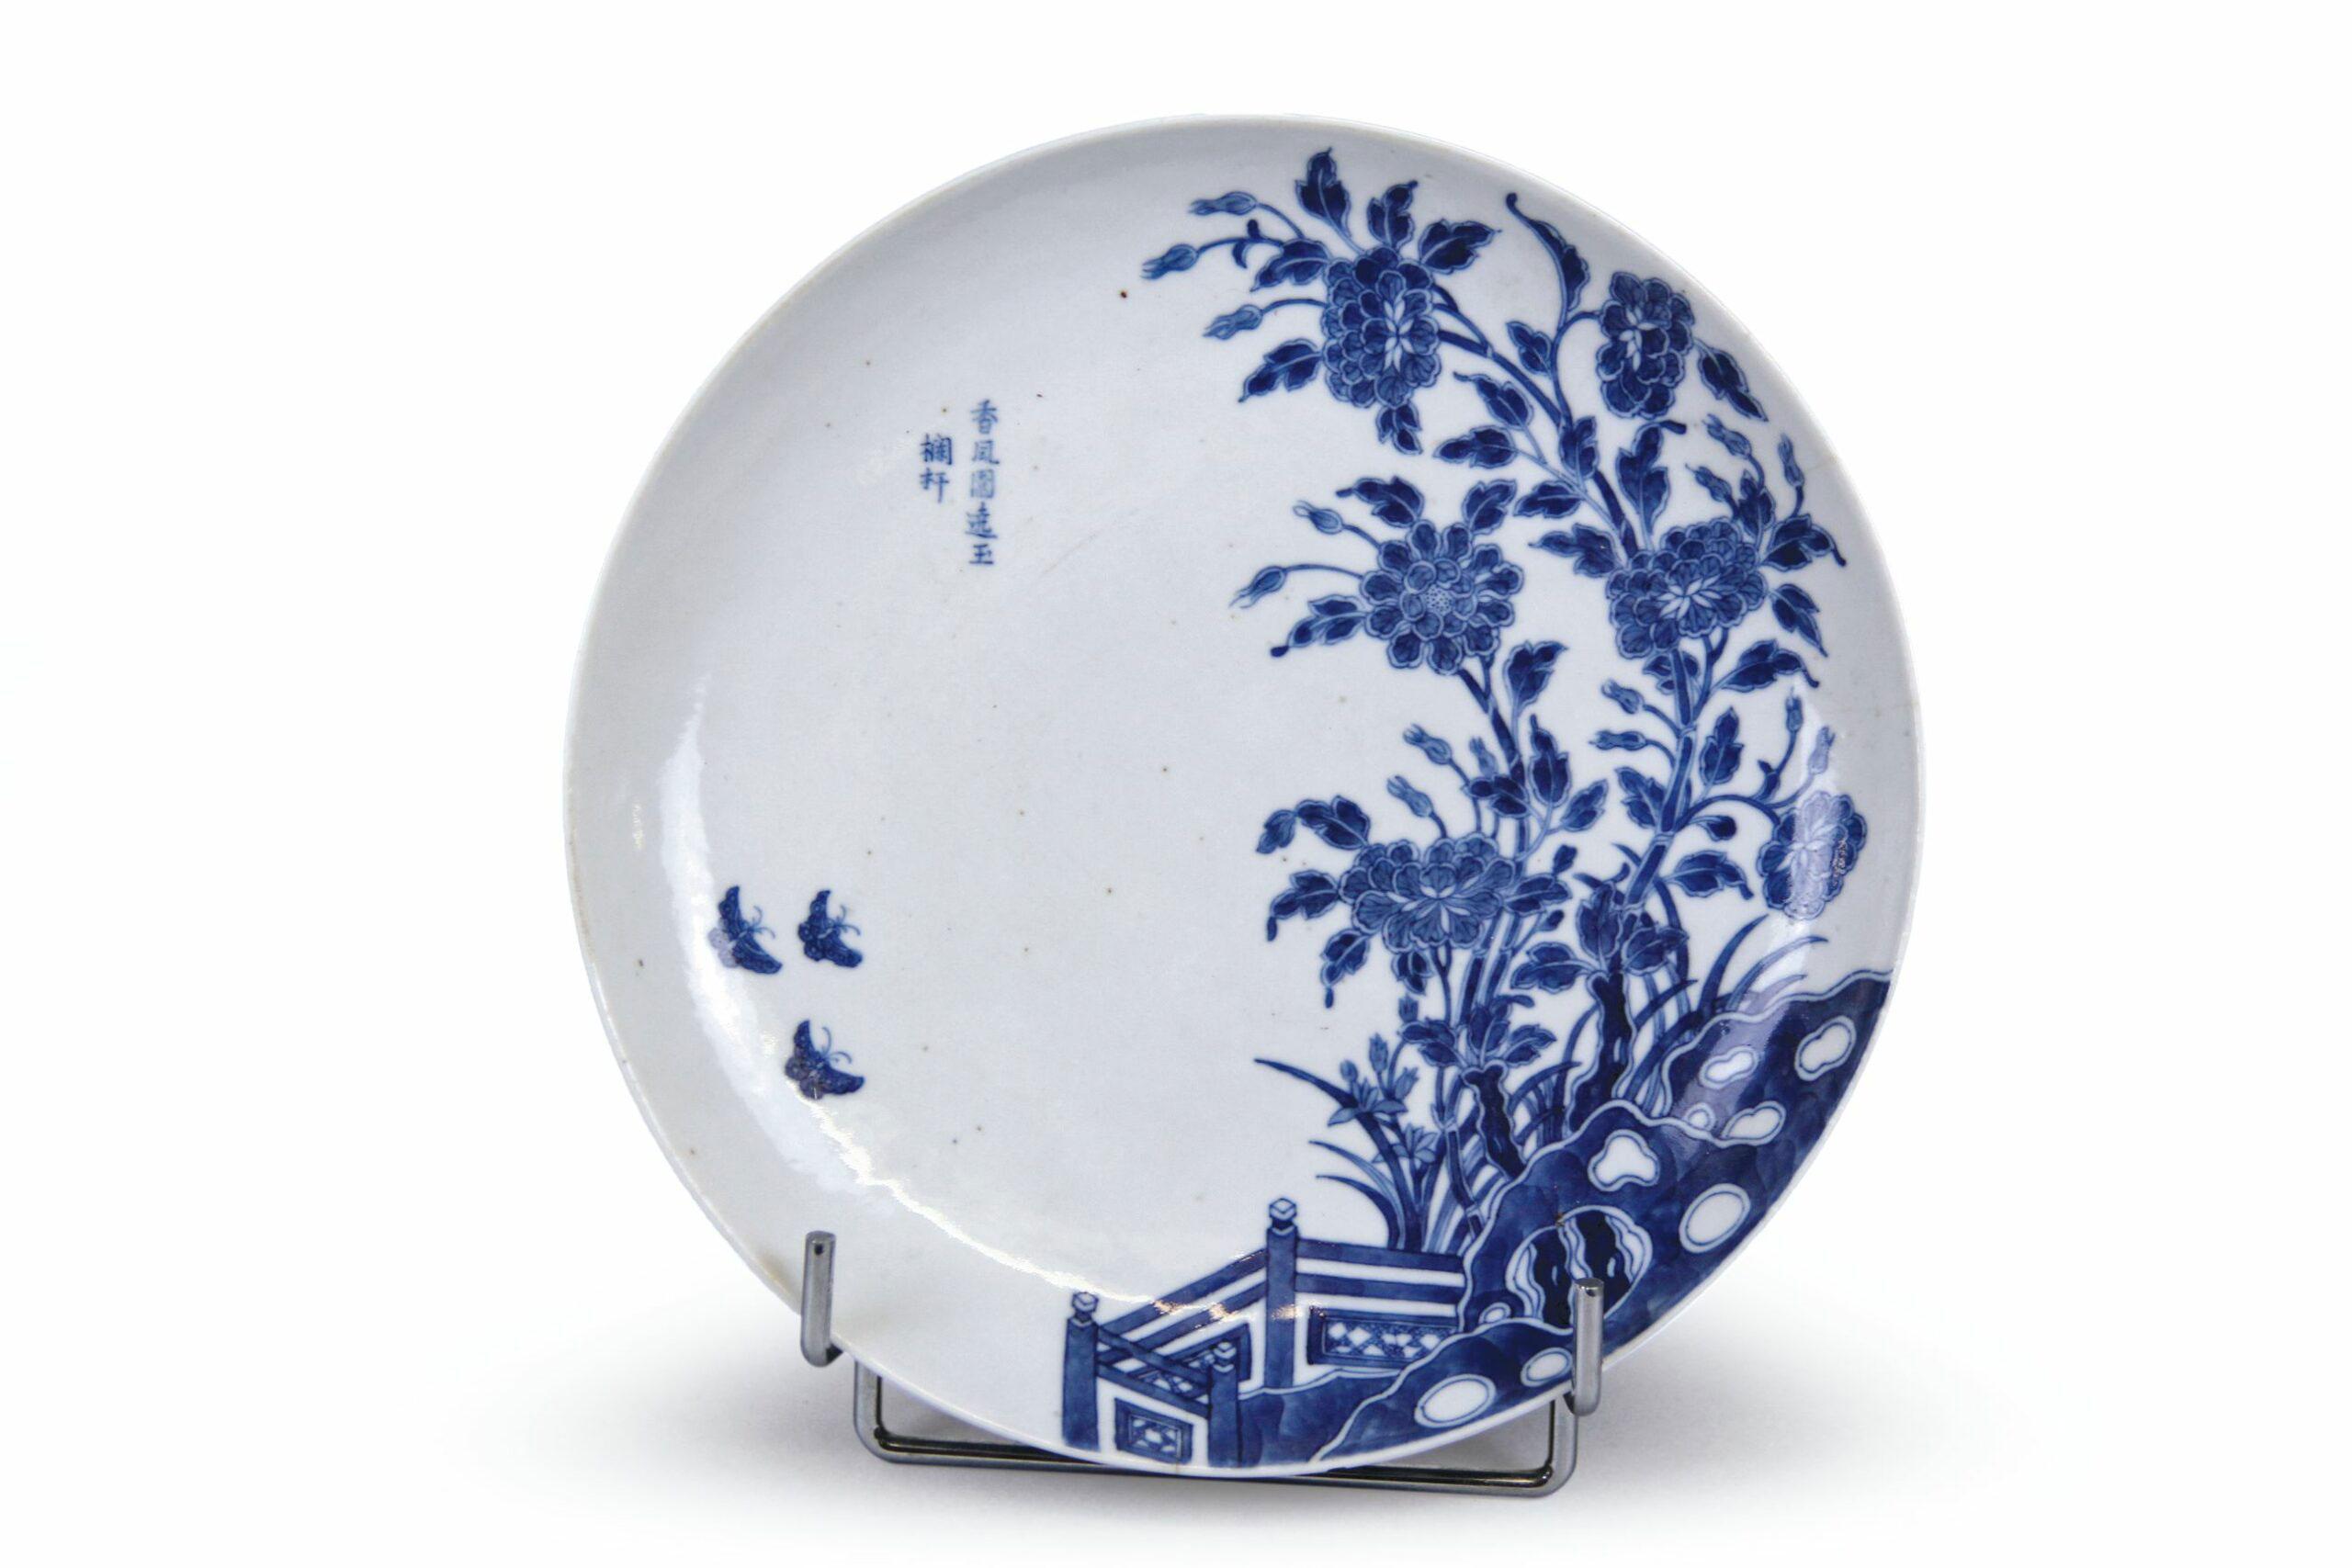 Assiette en porcelaine bleu de Hué commandée en Chine pour le palais impérial vietnamien (pavillon nord)